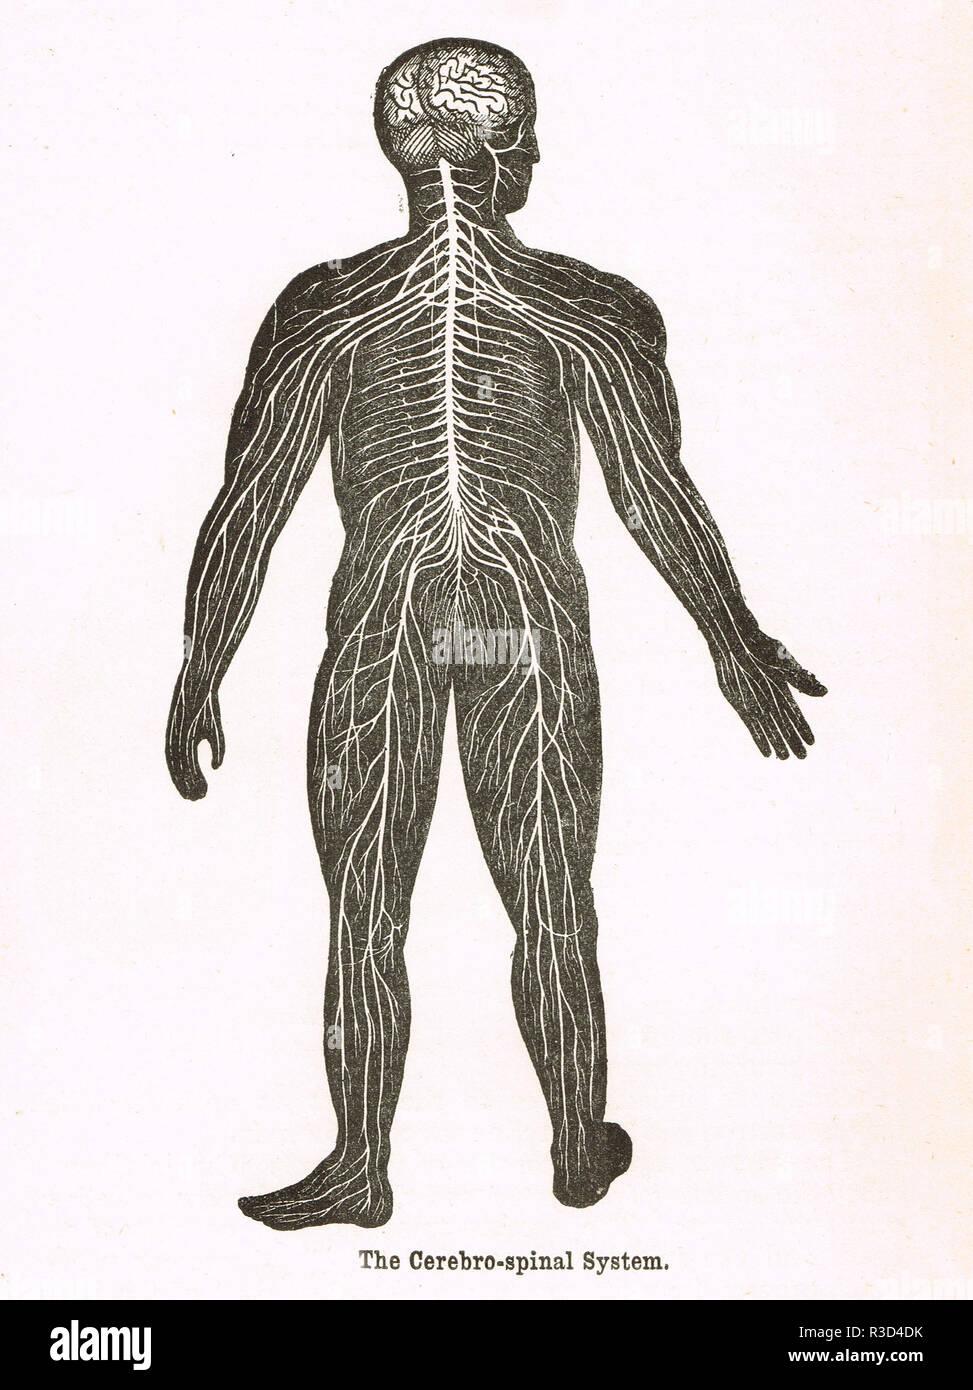 Système cérébro-spinale, corps humain. Un schéma du 19e siècle Photo Stock